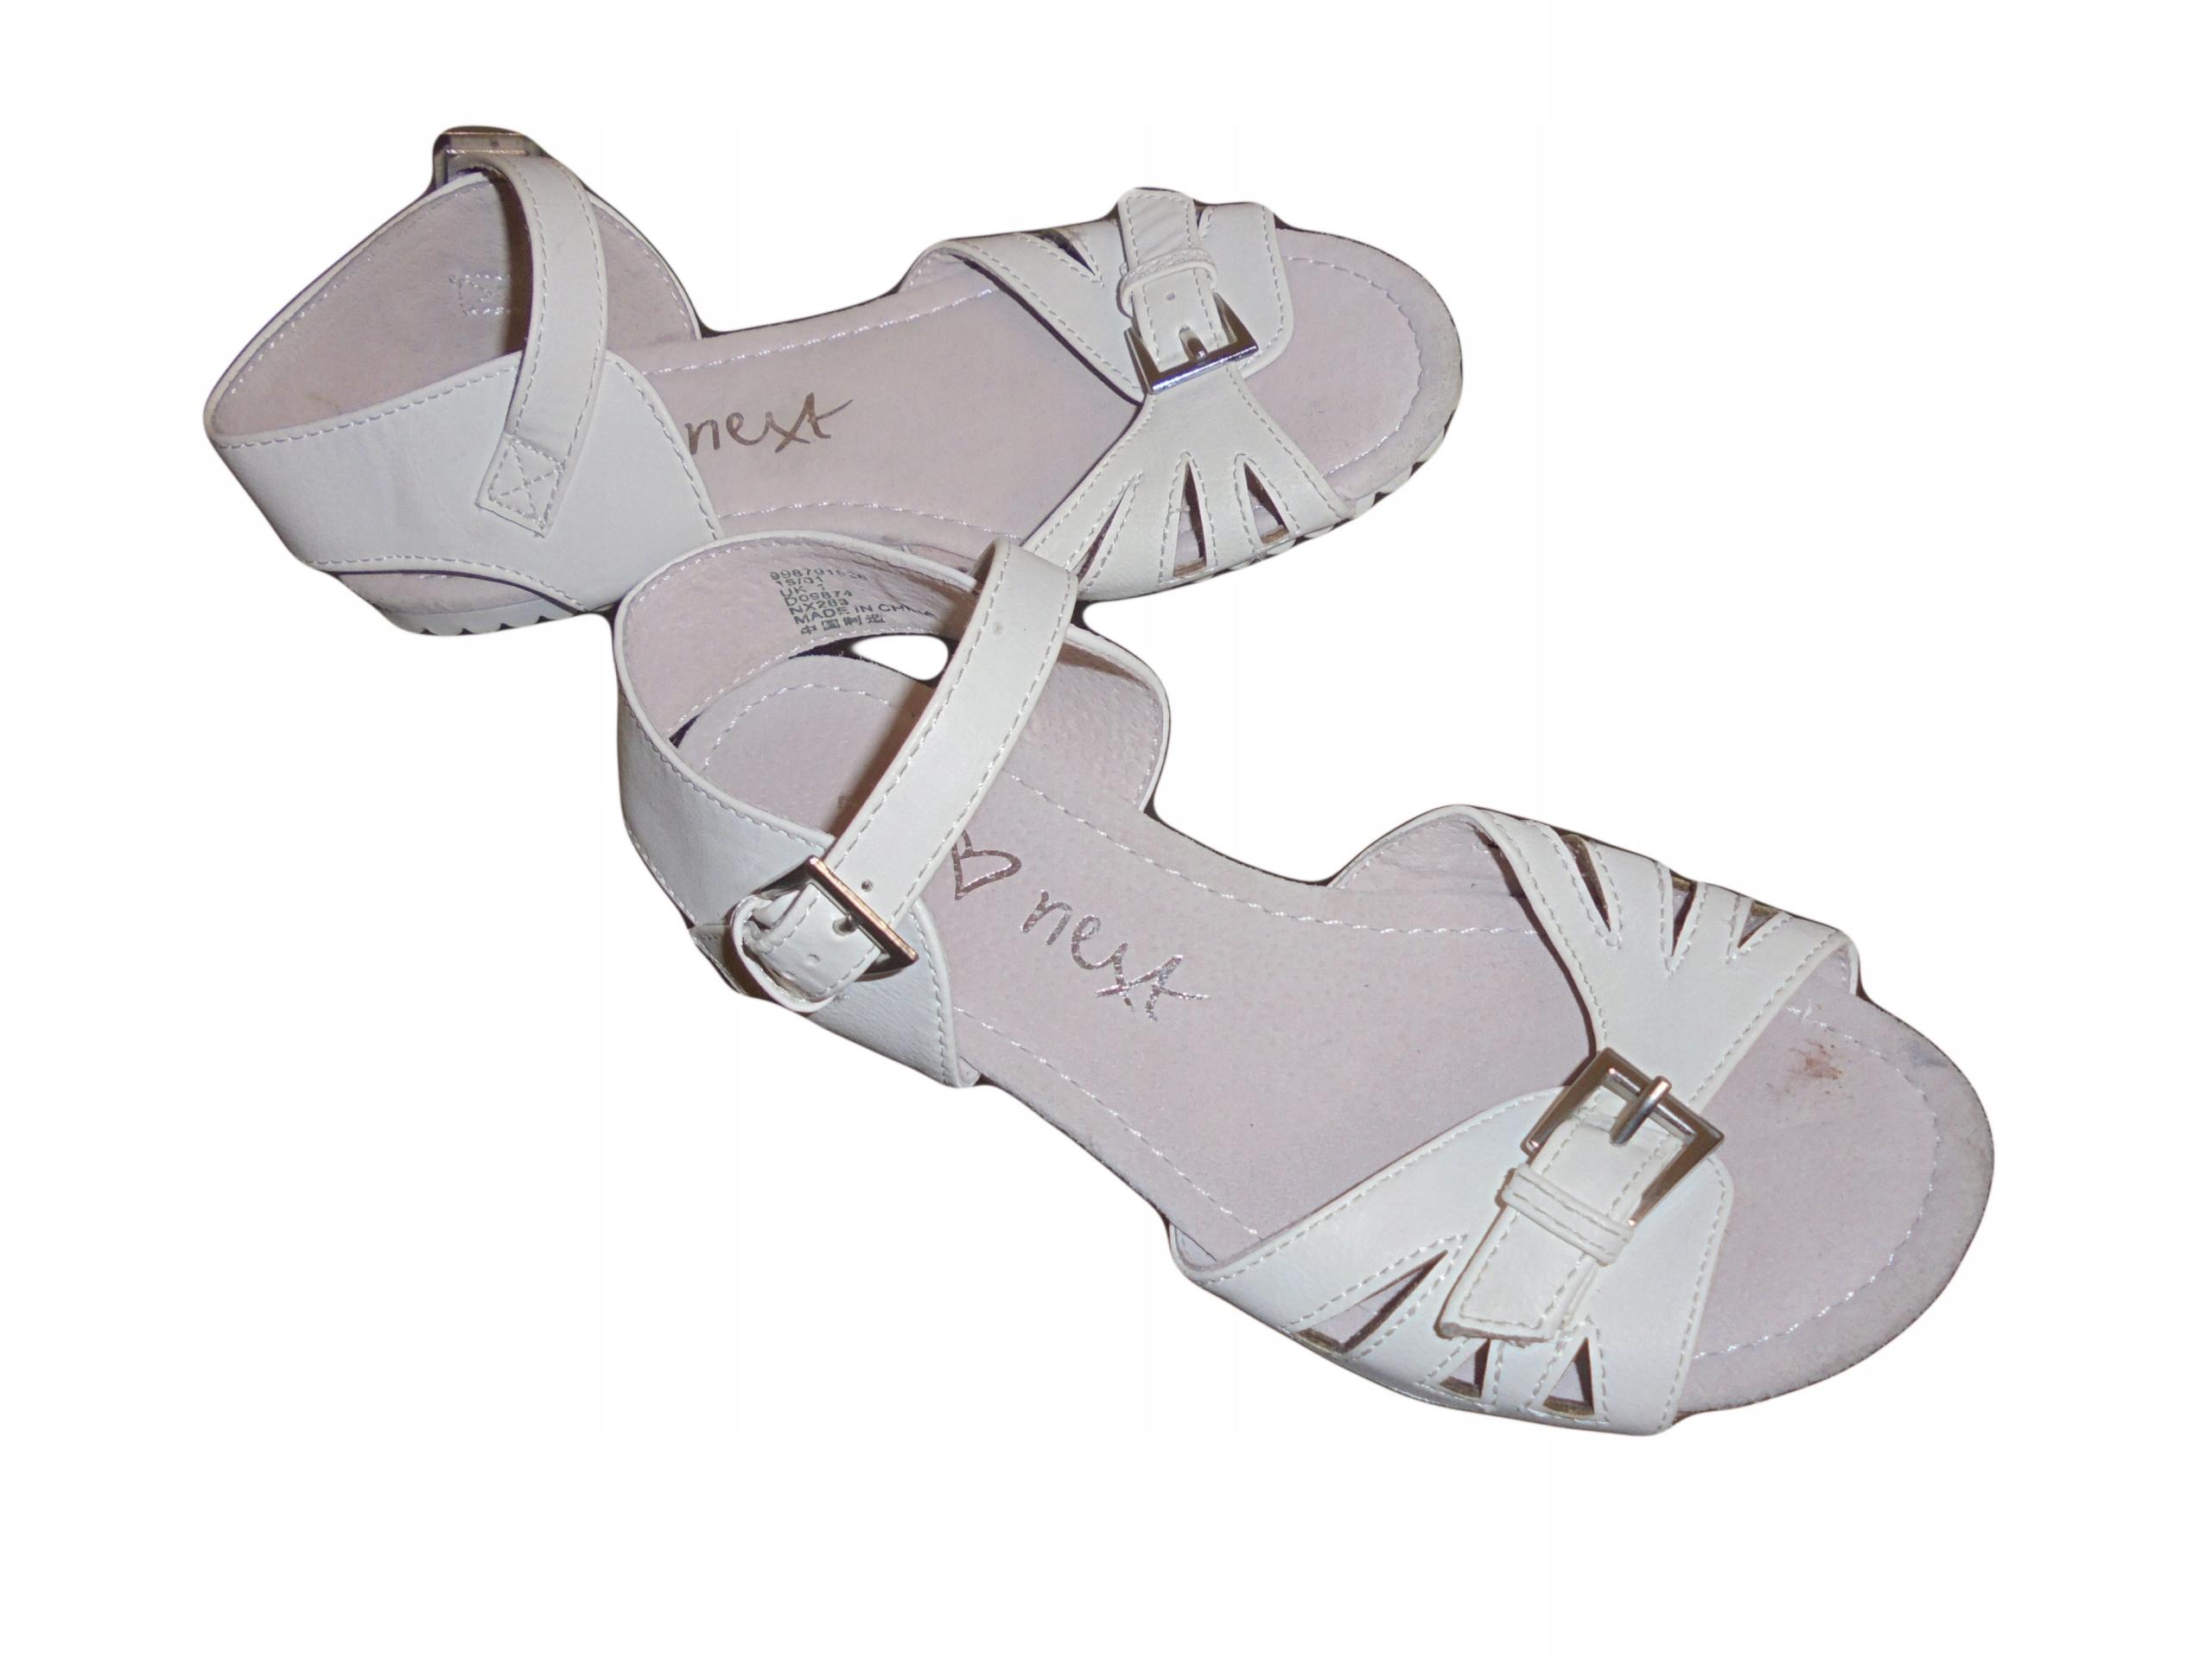 Sandałki firmy Next. Stan idealny. Rozmiar 32.